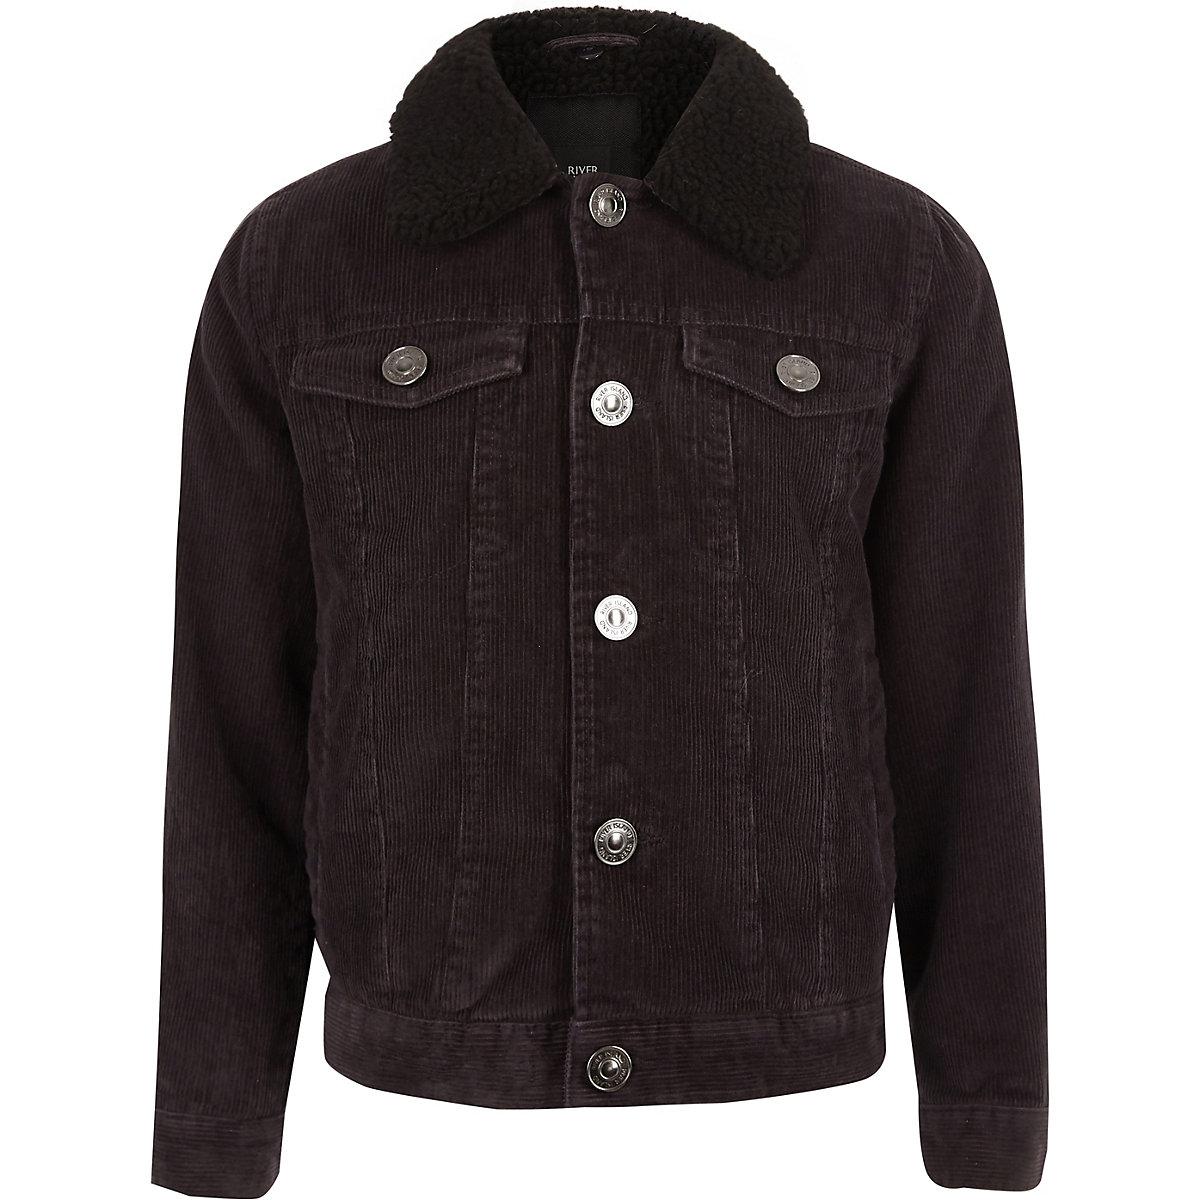 Boys black cord trucker jacket